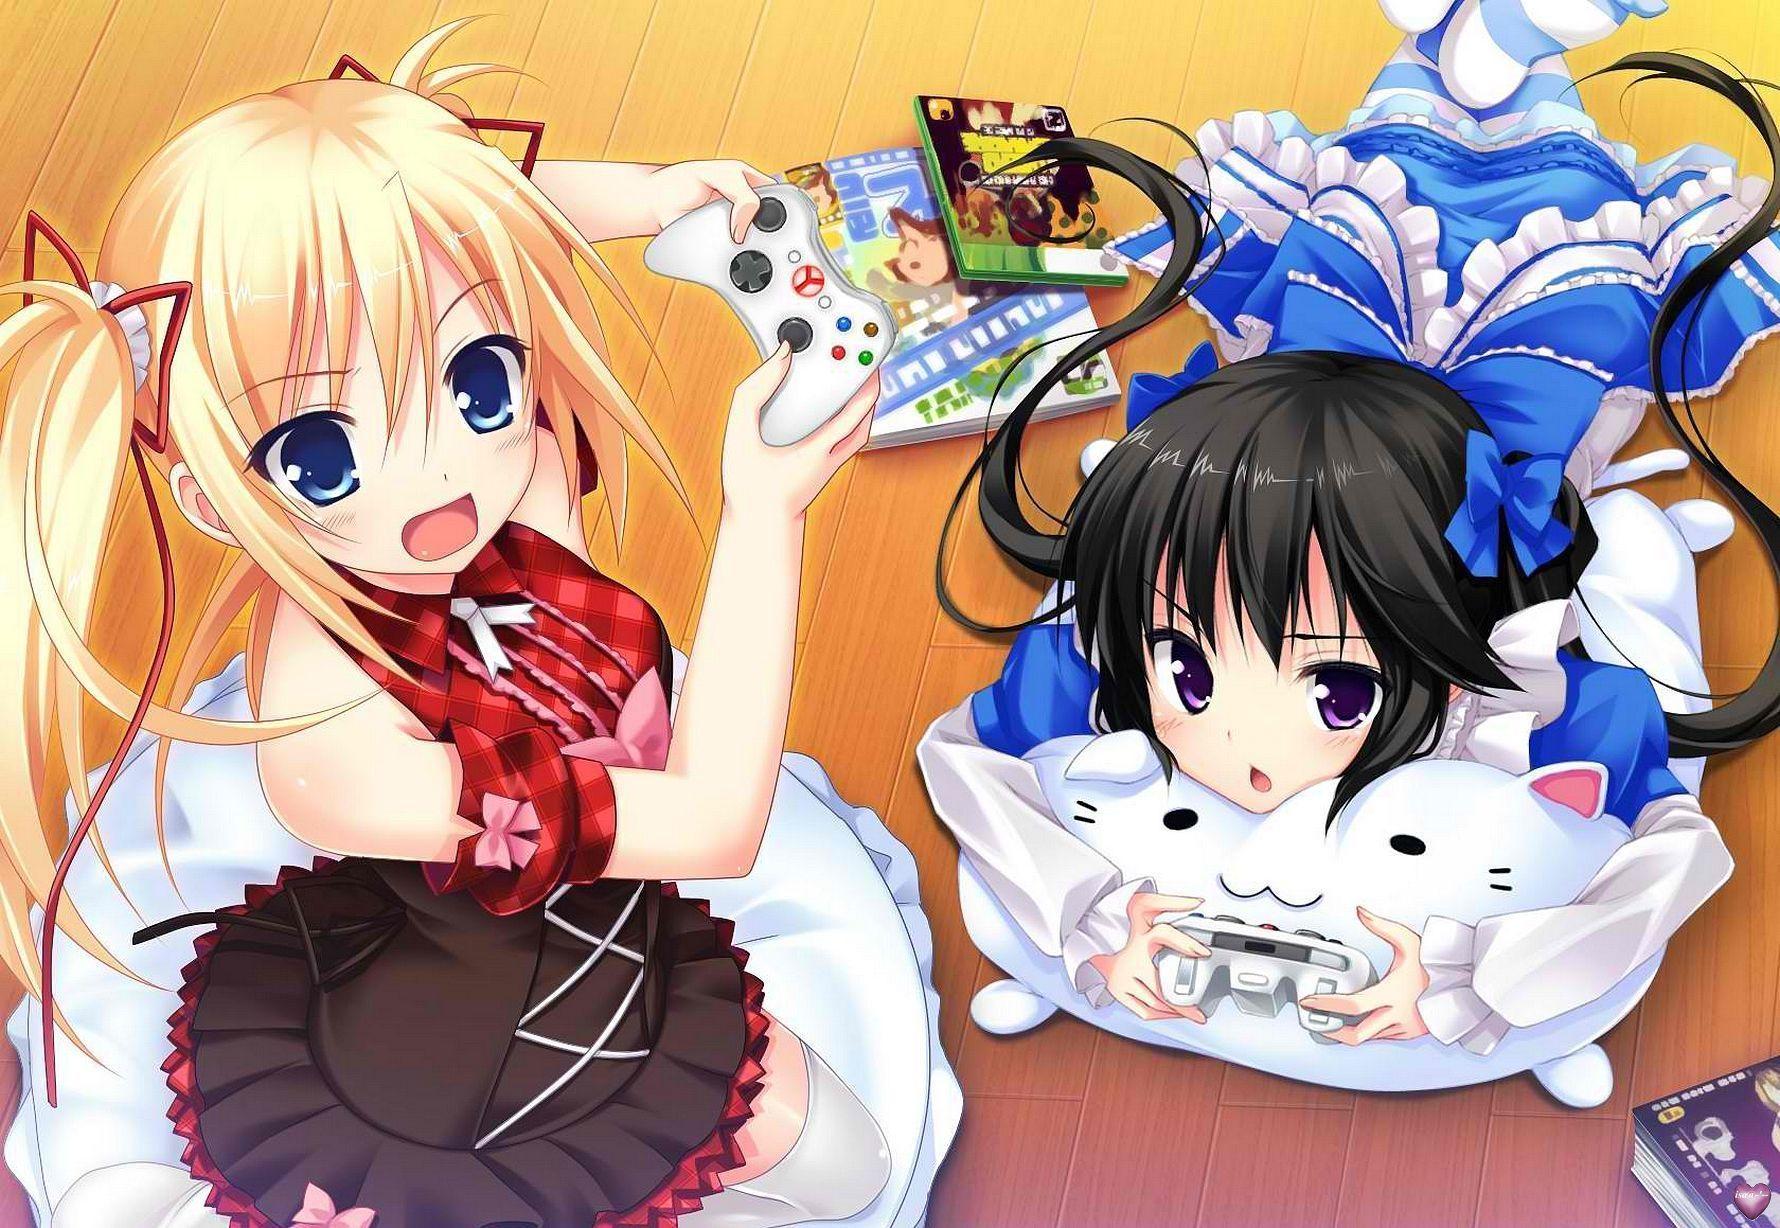 Image manga et jeux video - Filles mangas ...